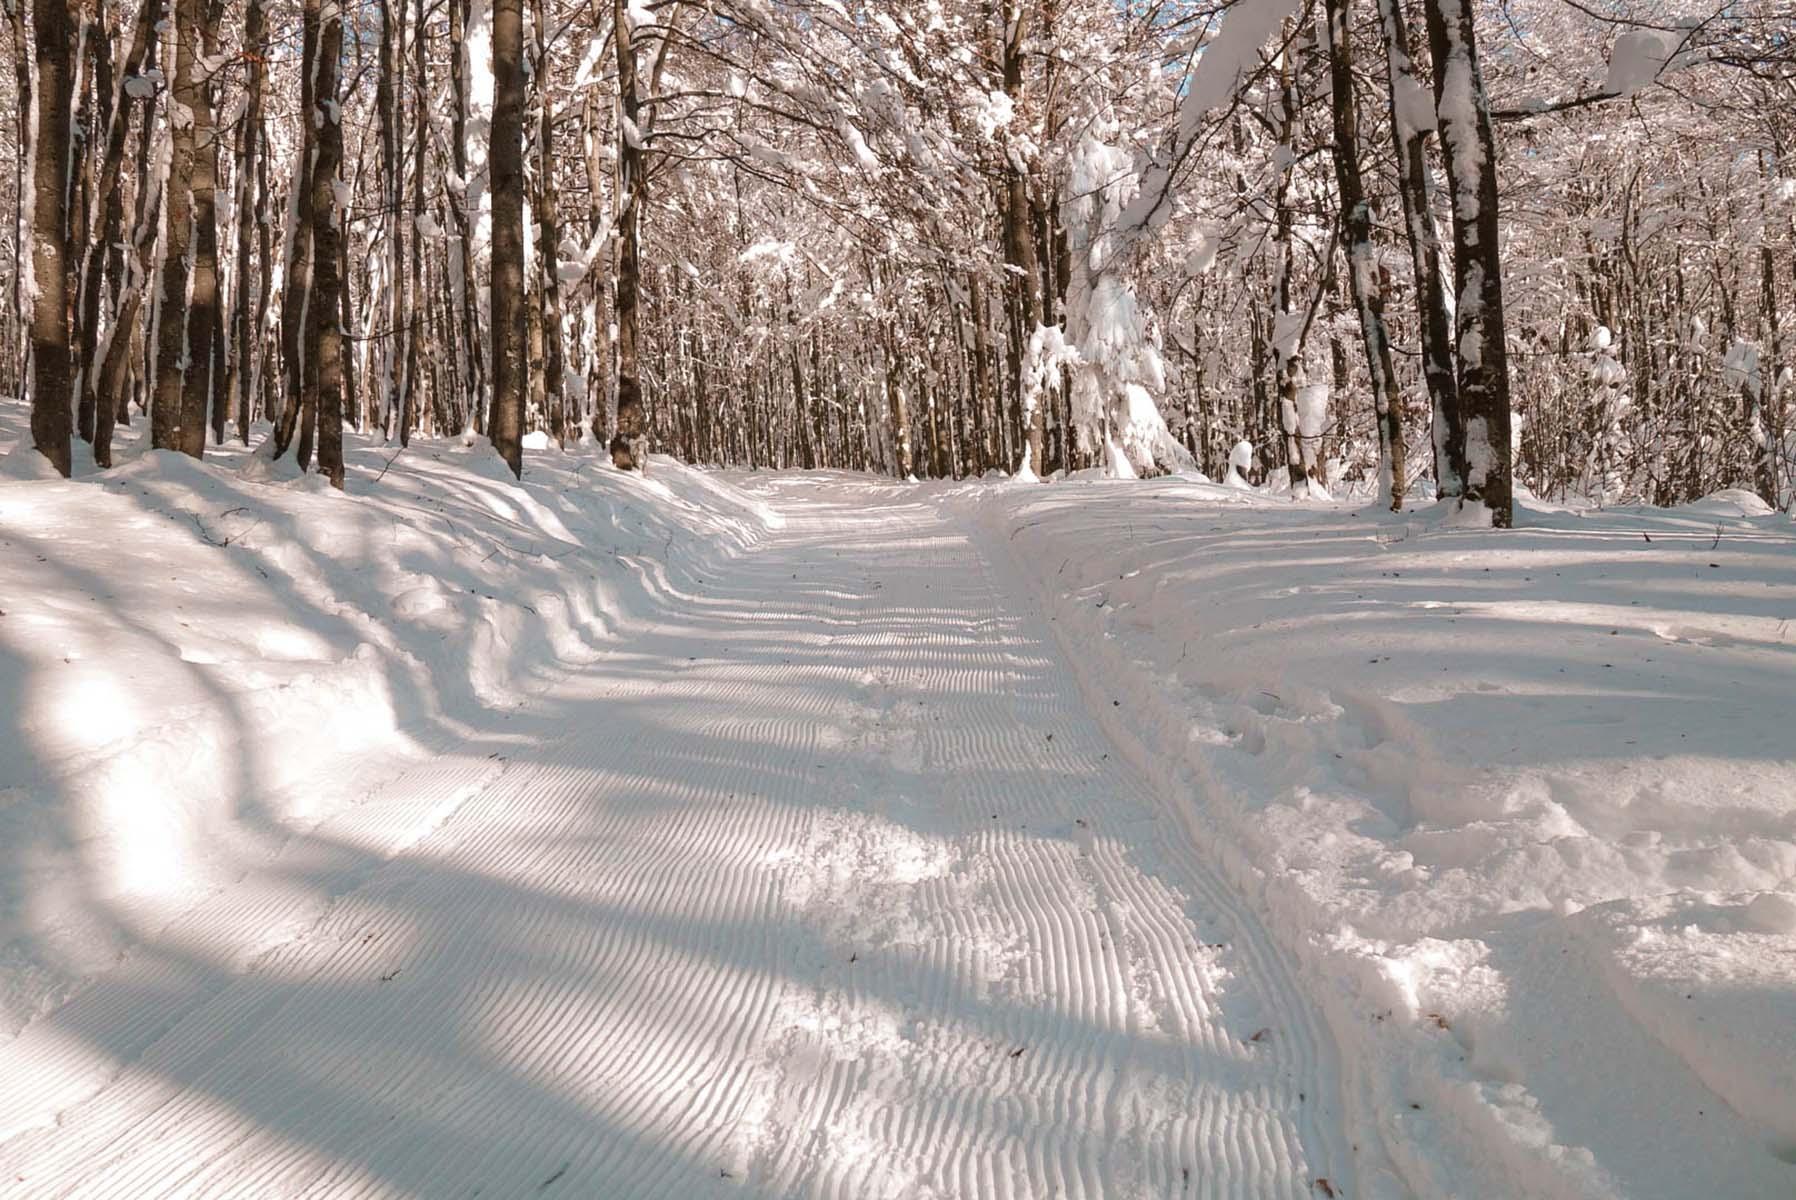 winterwanderung-lusen-winter-baueme-schnee-01